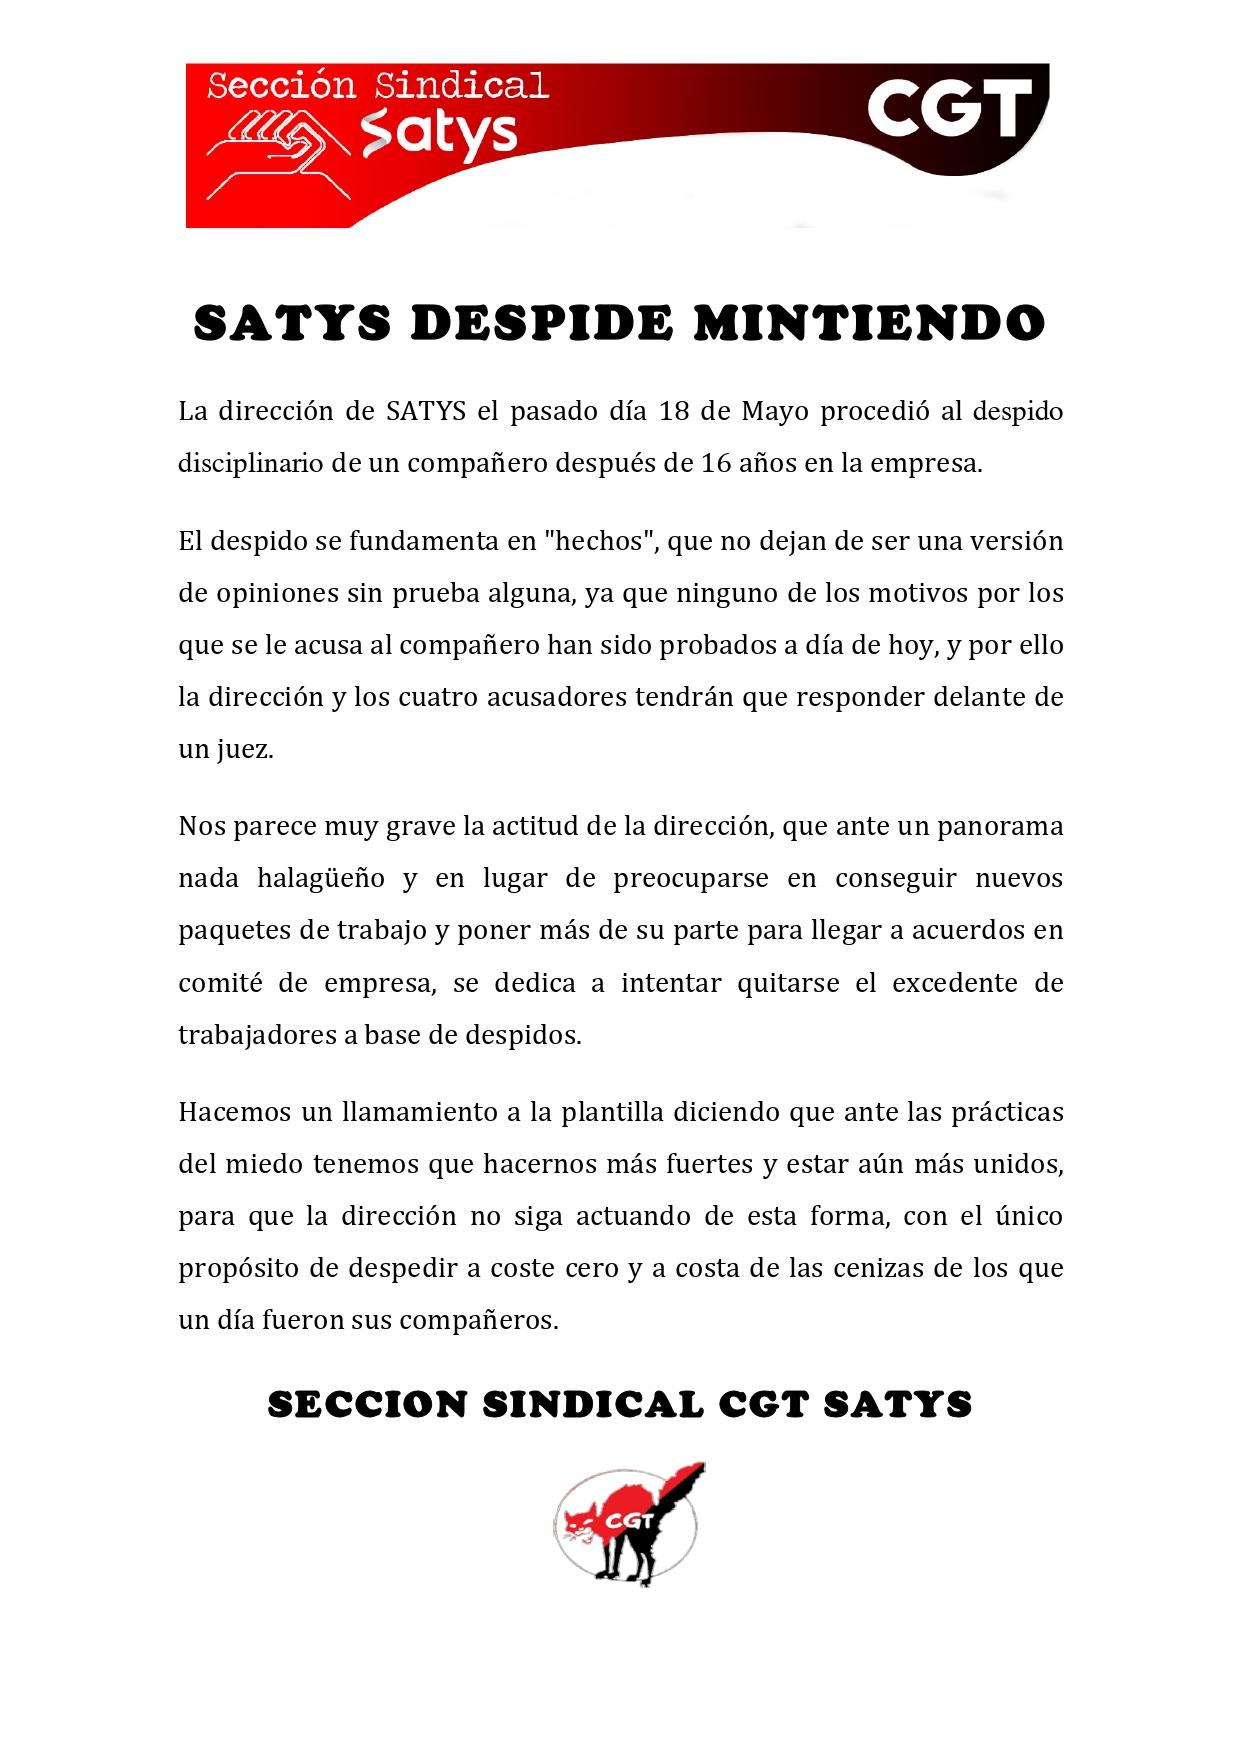 Satys despide_page-0001